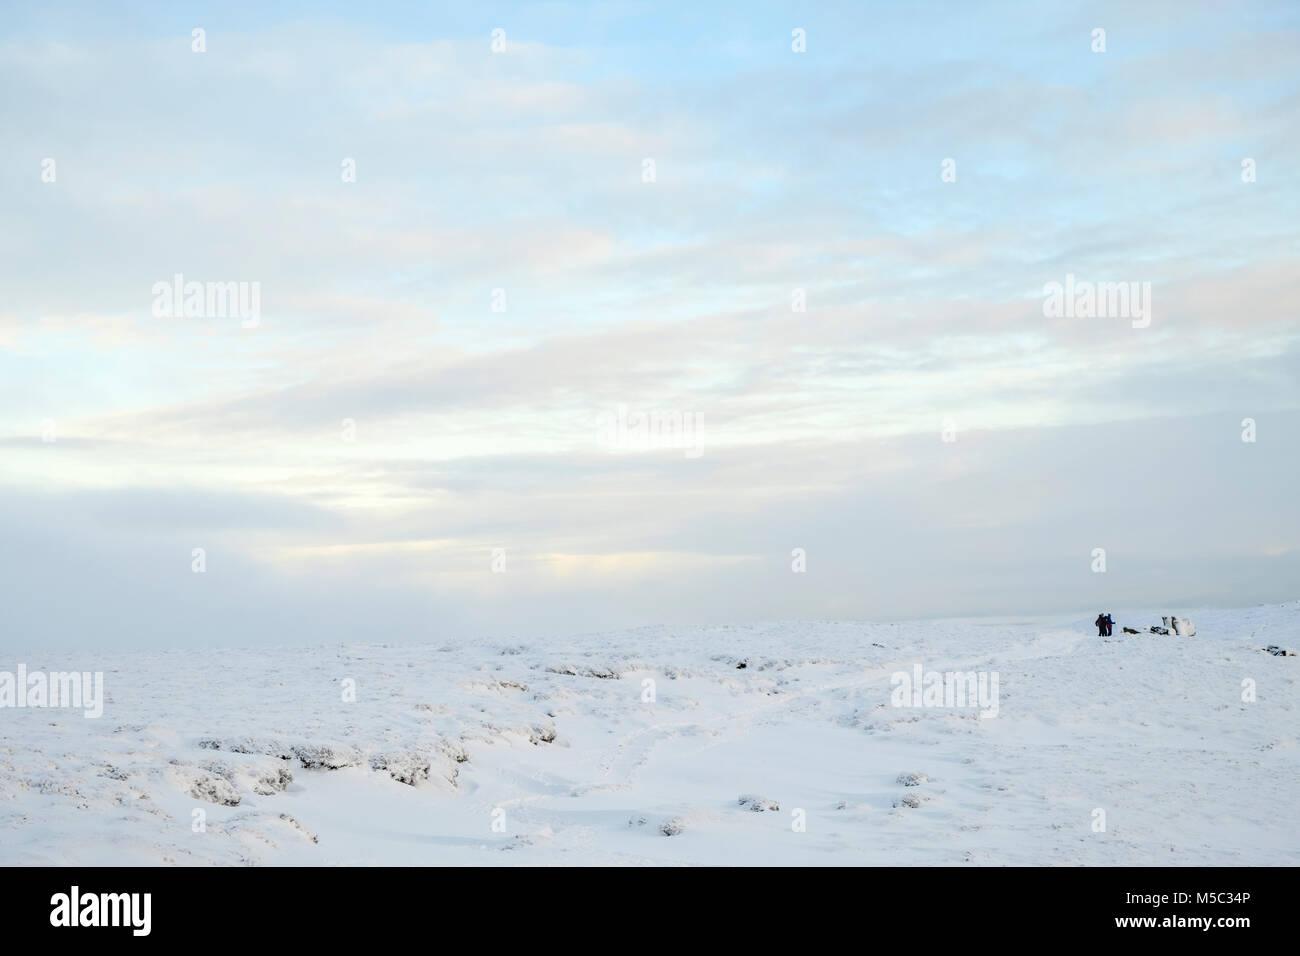 Winter landscape. Snow covering Edale Moor on Kinder Scout, Derbyshire, Peak District National Park, England, UK - Stock Image